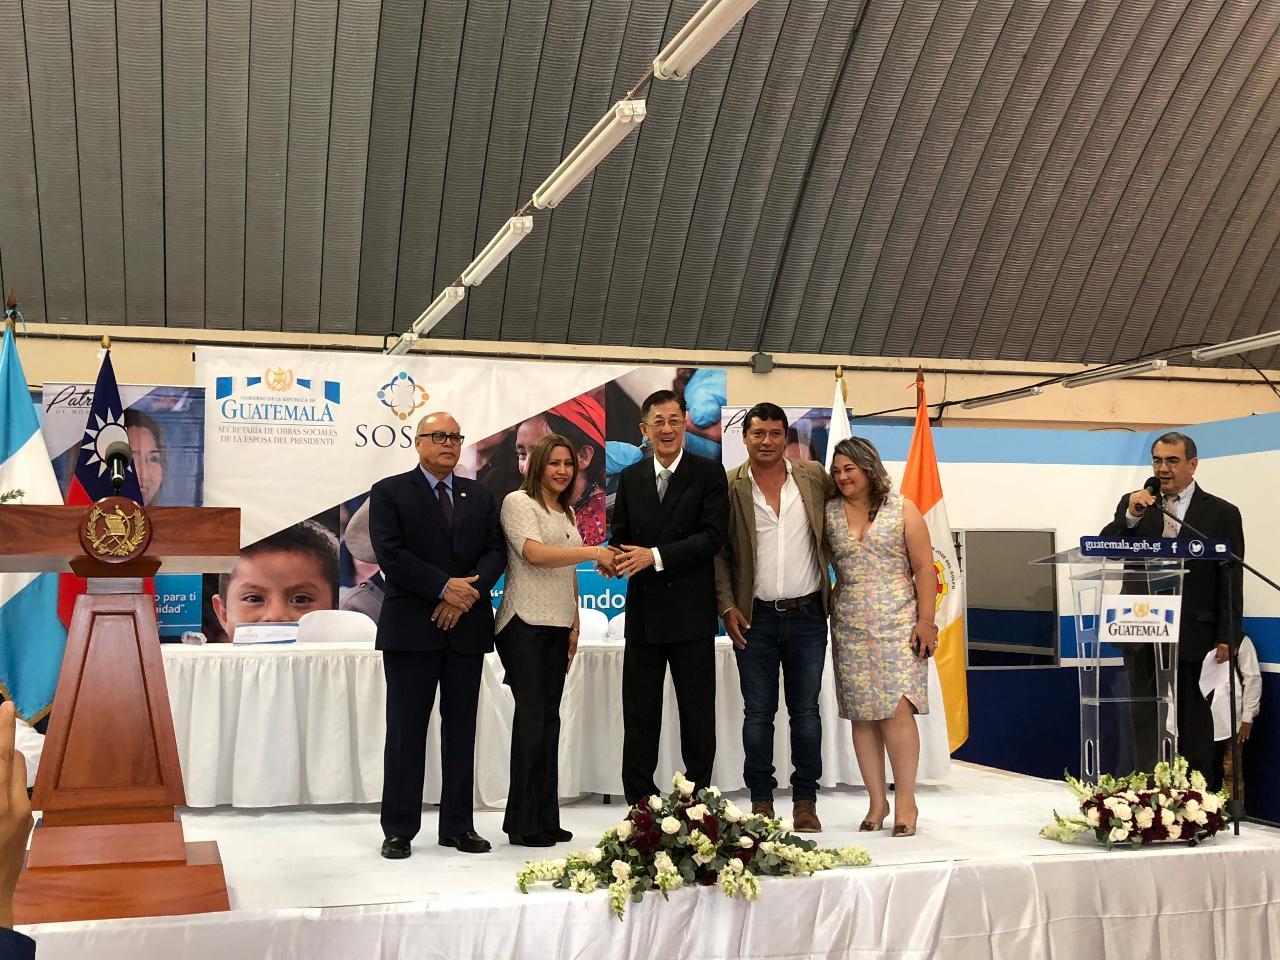 瓜地馬拉第一夫人與我駐瓜地馬拉大使賴建中共同主持50場醫療義診開幕